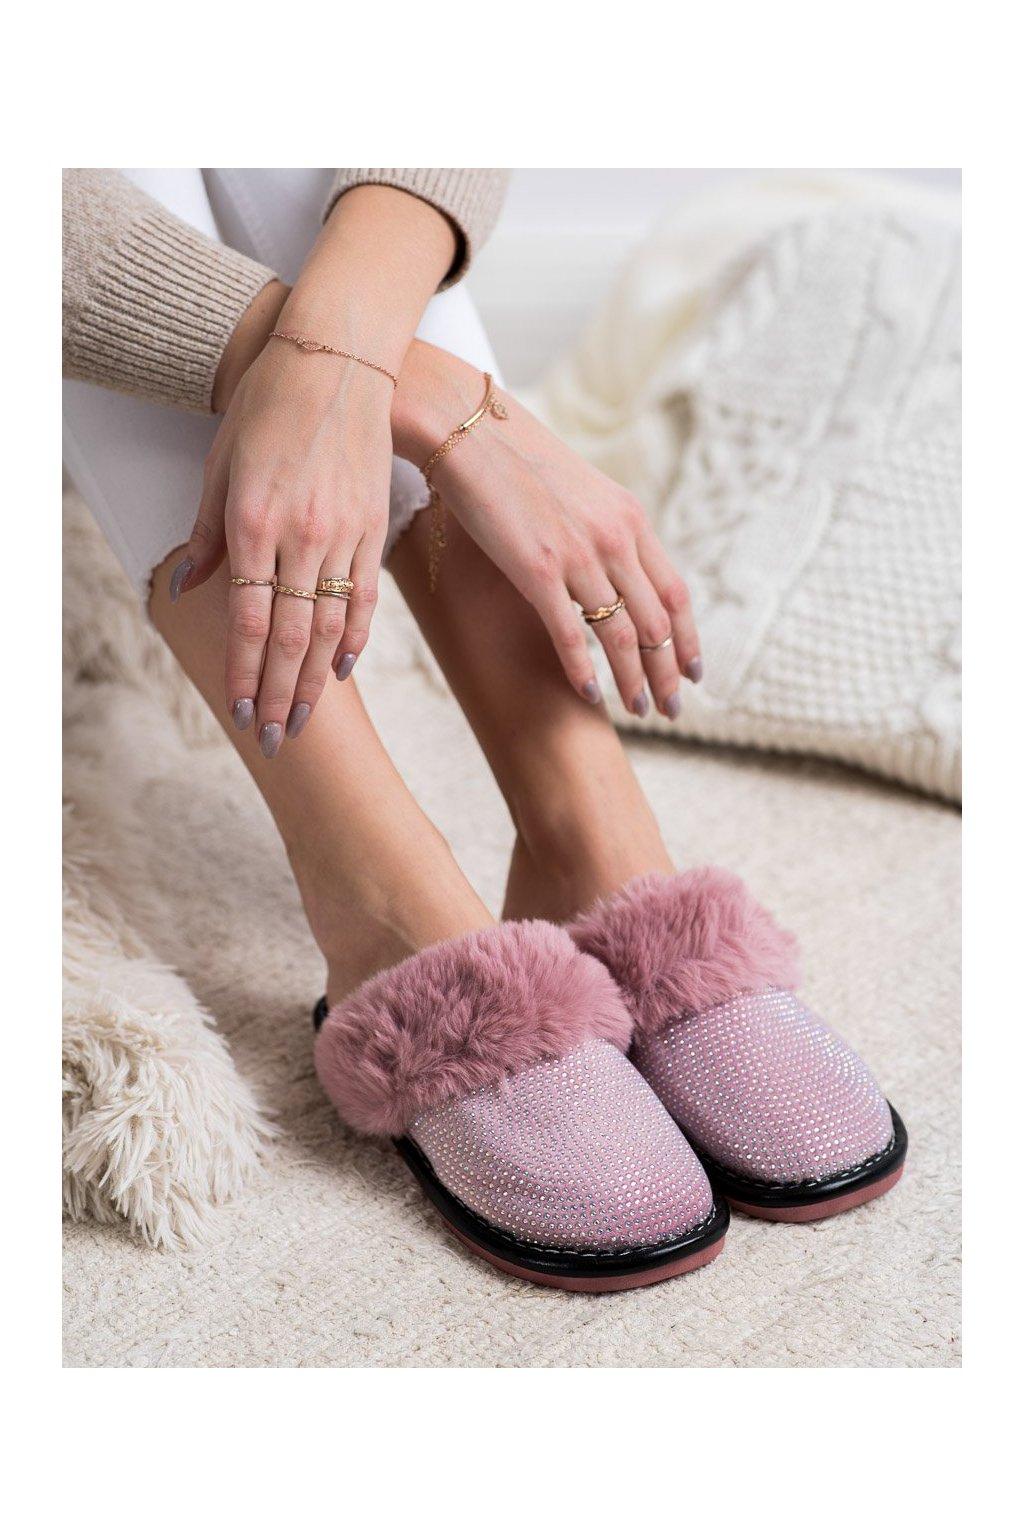 Fialové dámske topánky na doma Bona kod WG-215PU